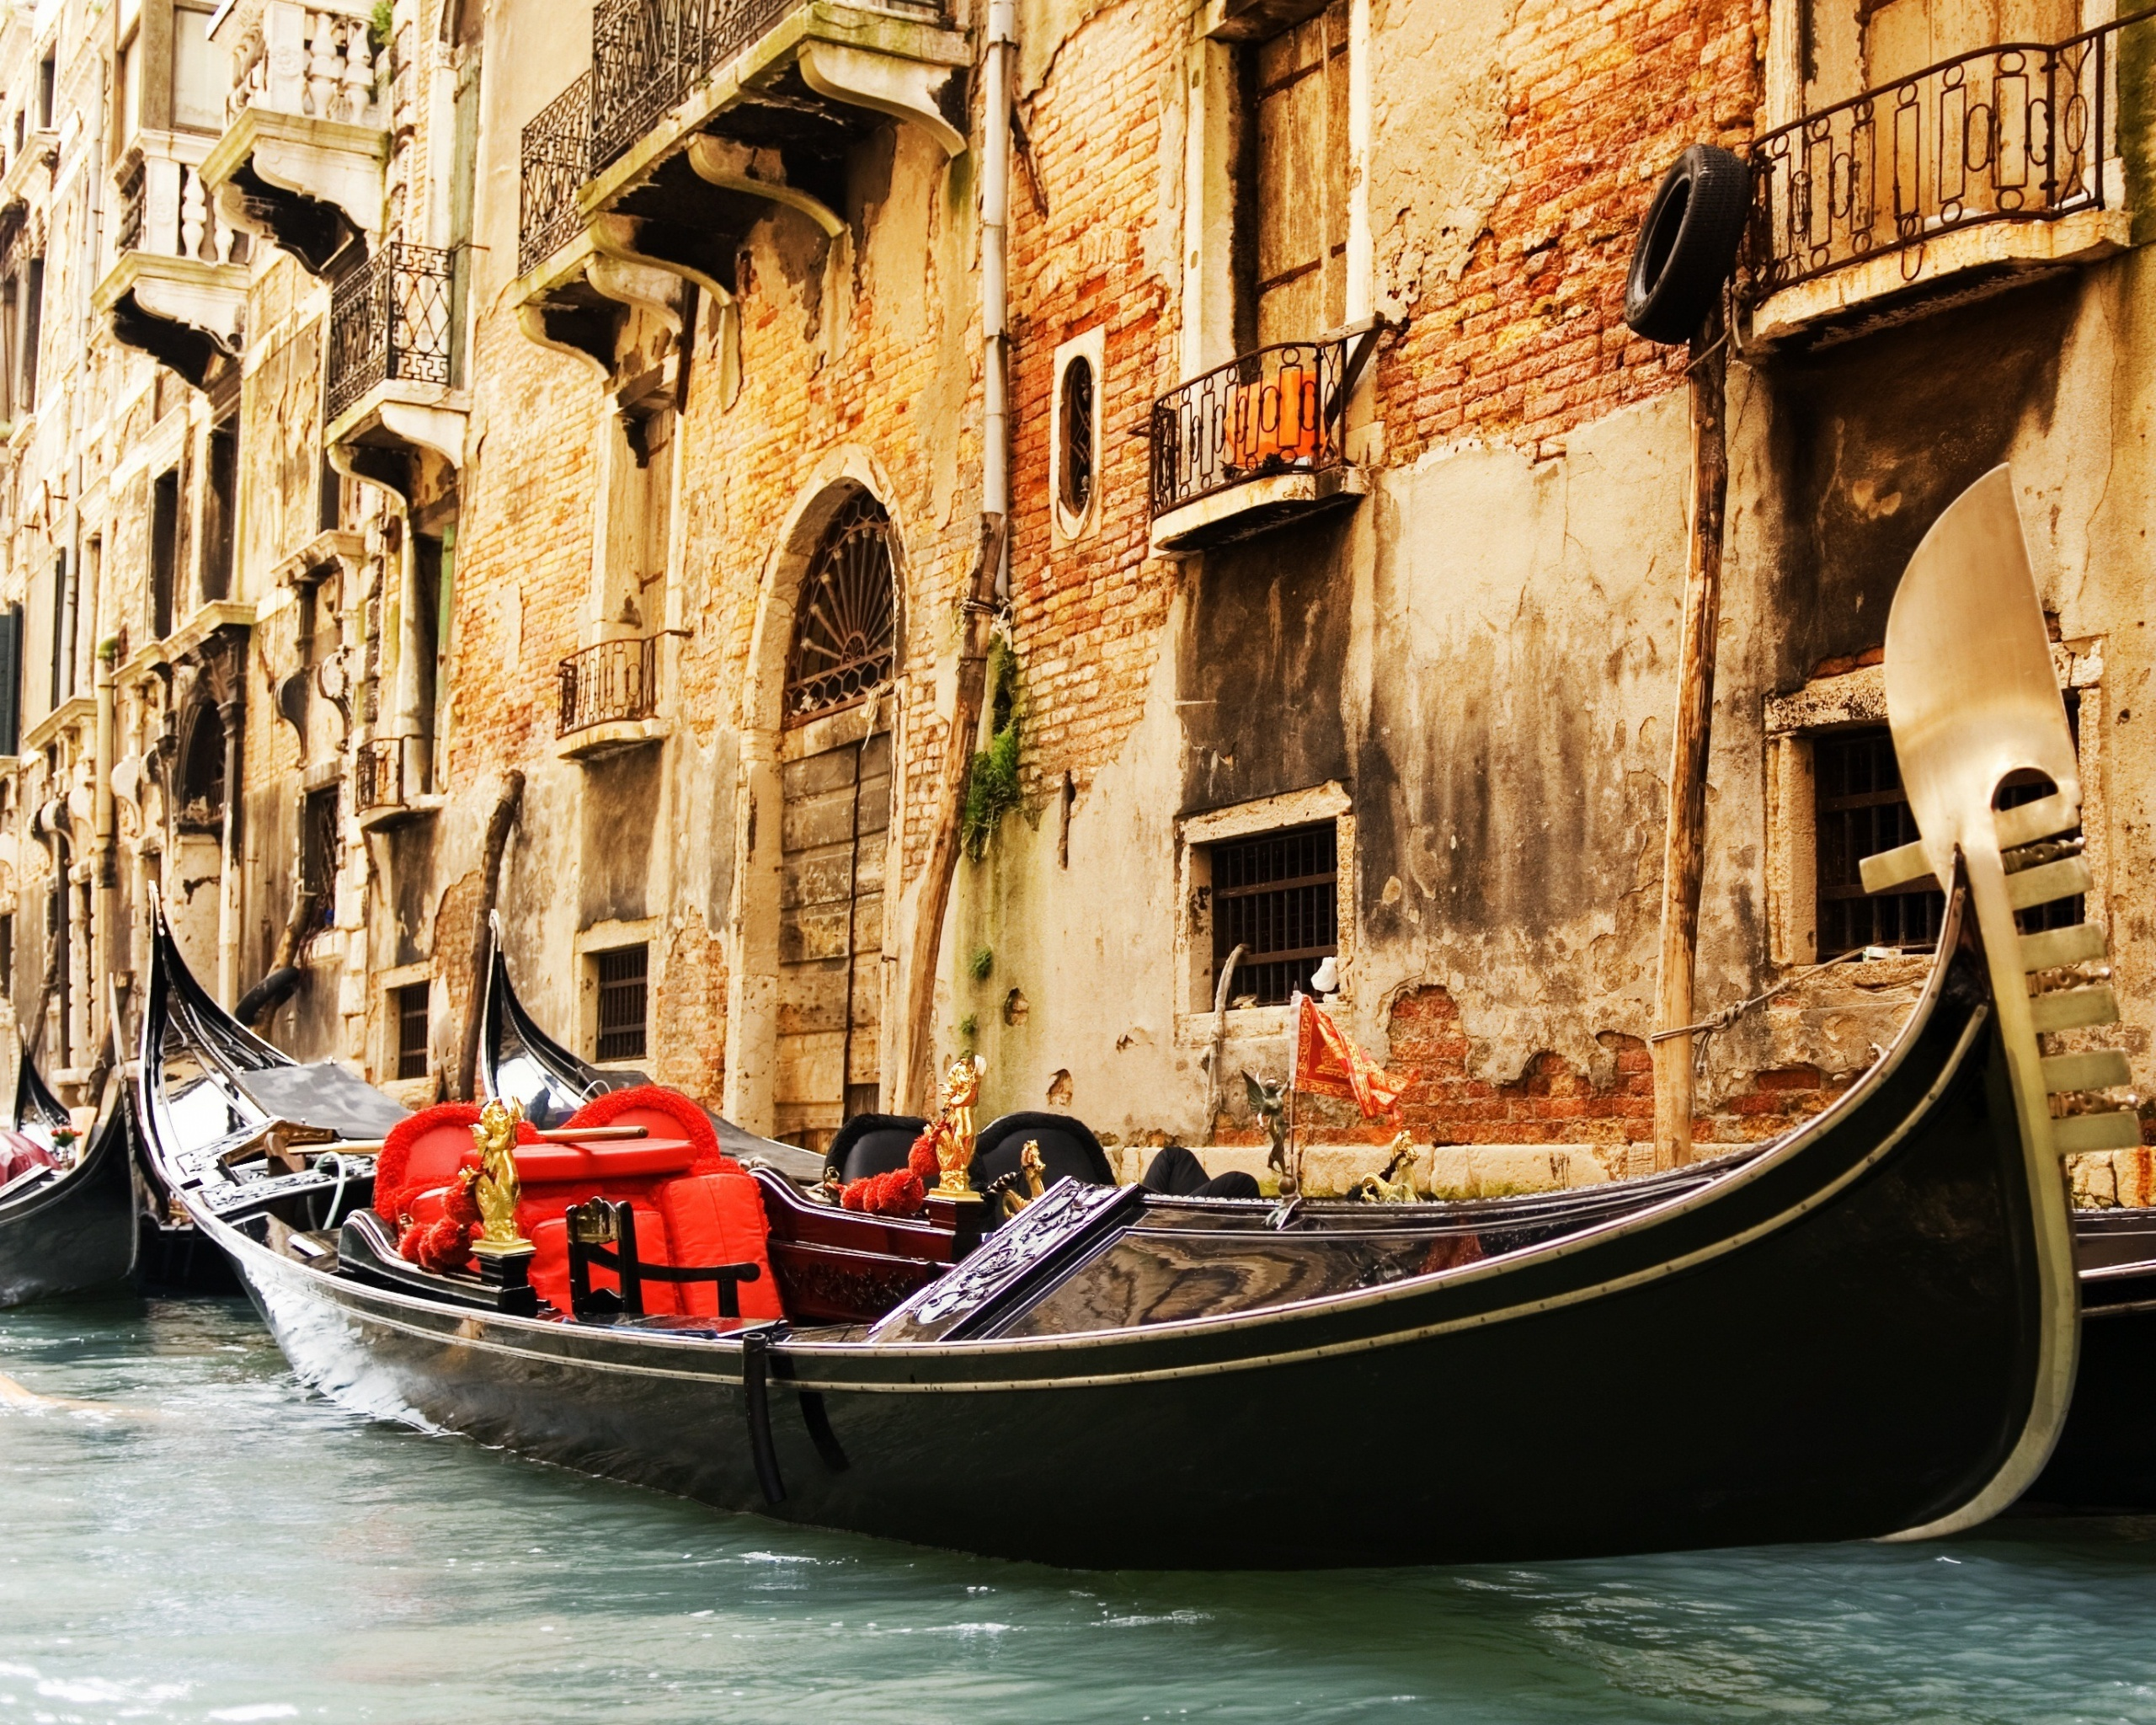 Картинки по запросу венецианские гондолы